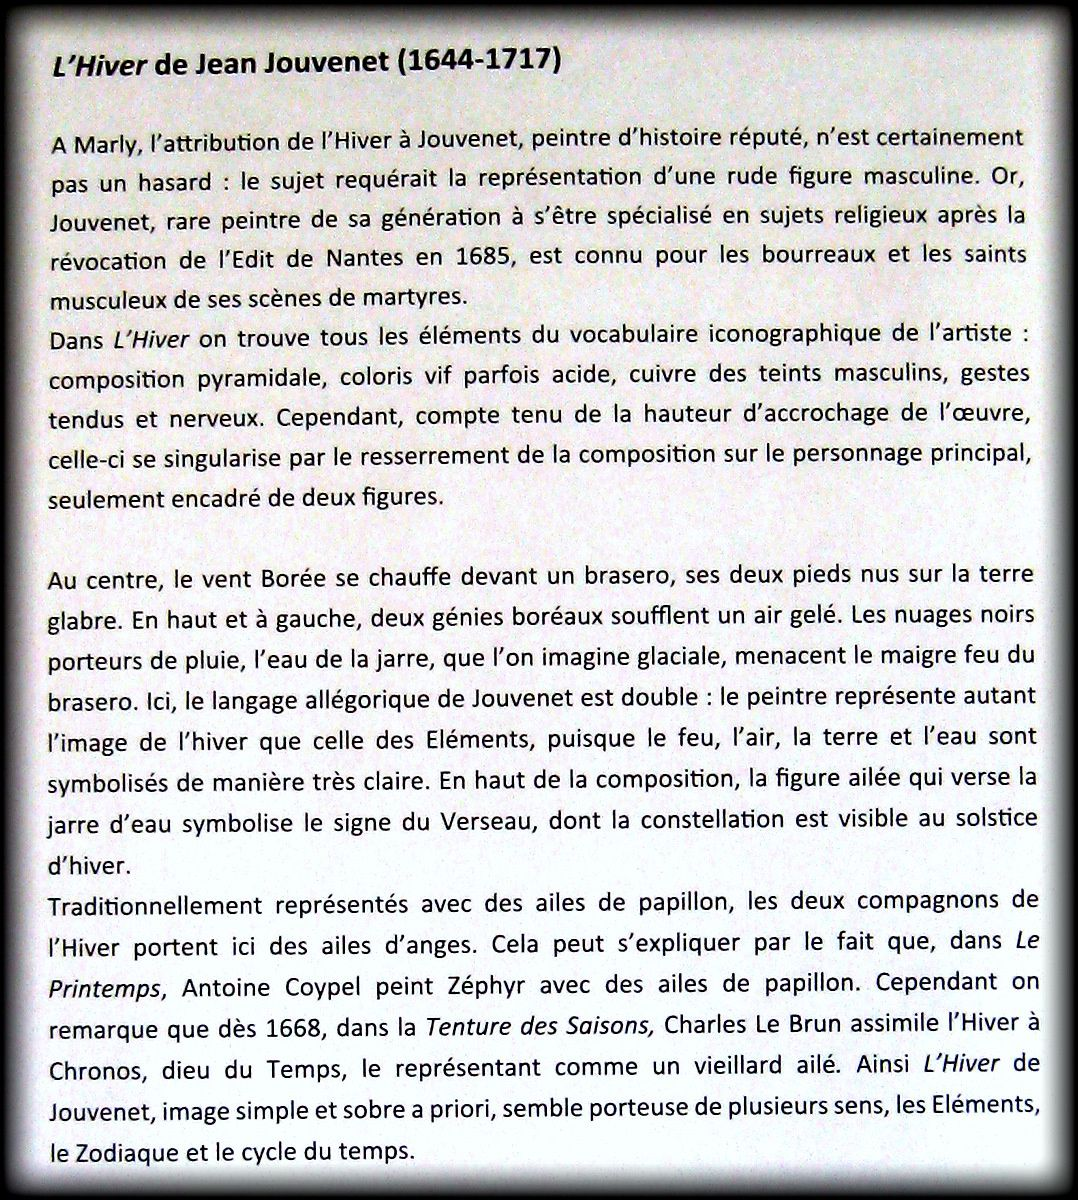 L'Hiver de Jean Jouvenet